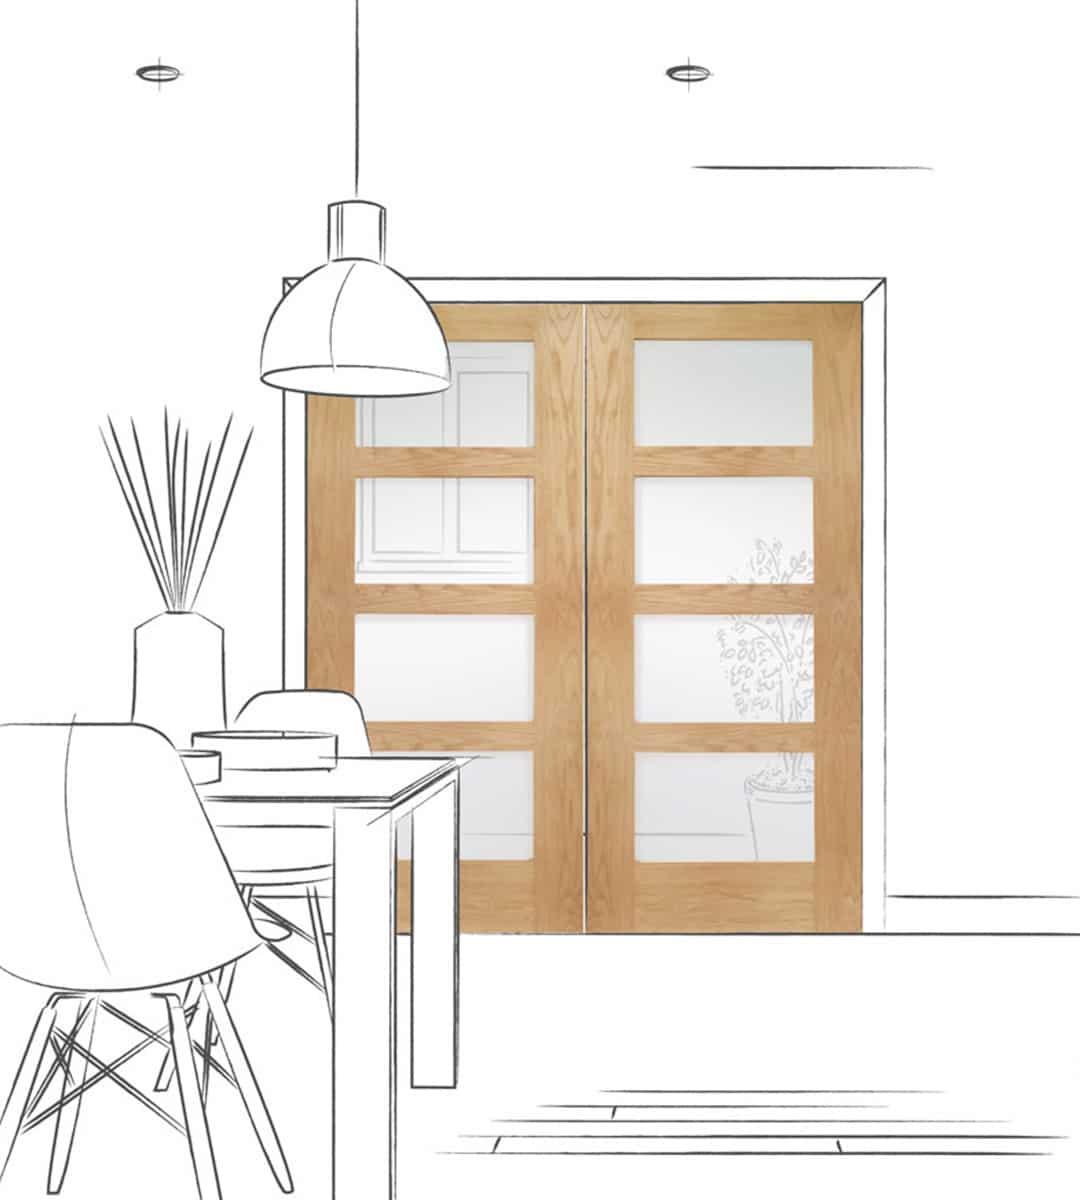 internal shaker 4 panel glazed door dining room double